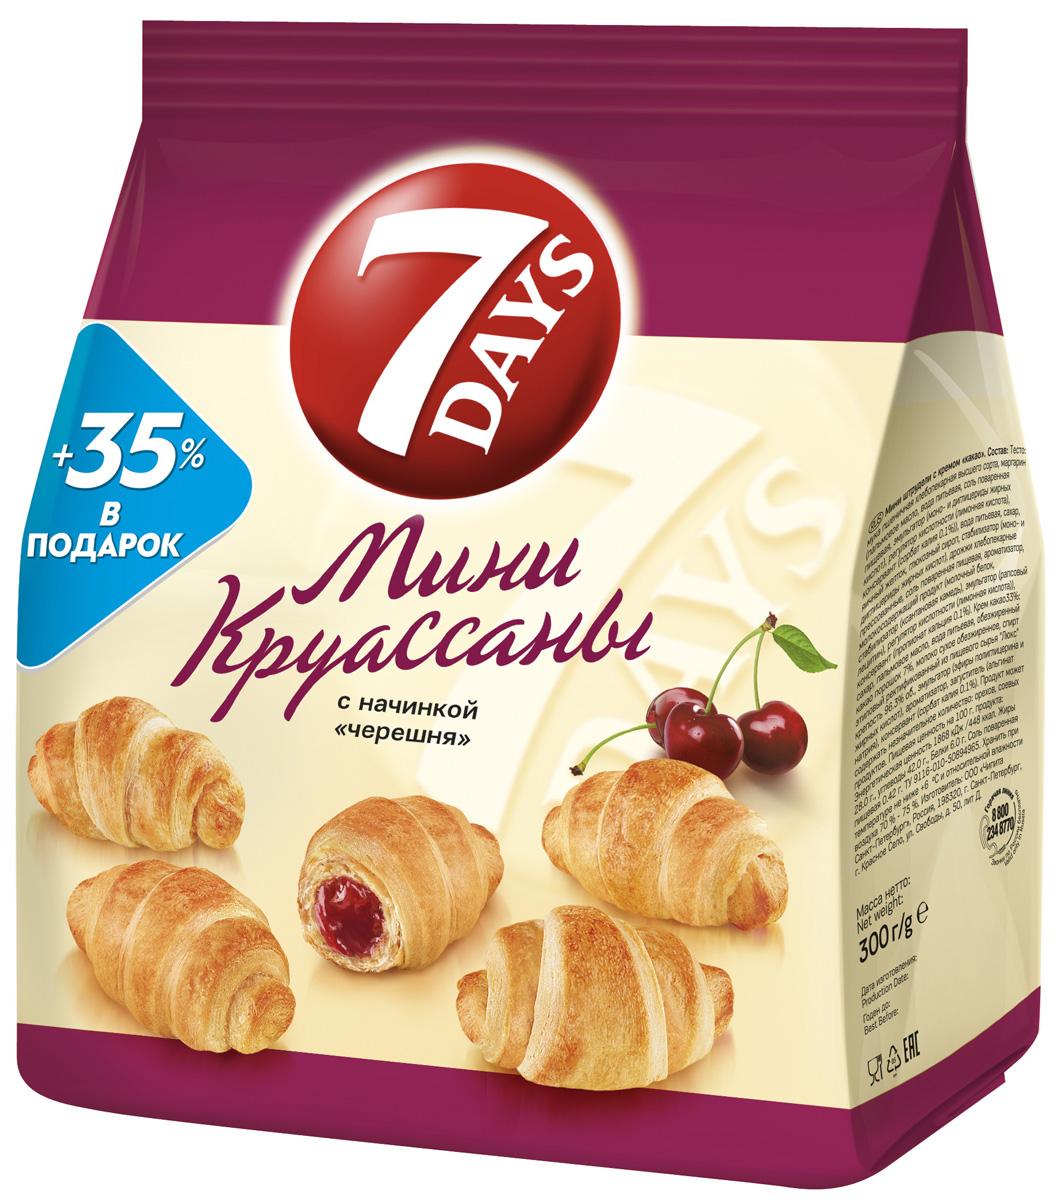 7DAYS Мини-круассаны с начинкой Черешня, 300 г57952Круассаны 7DAYS - готовая к употреблению выпечка из нежного теста с восхитительными кремовыми и джемовыми начинками. Мини-круассаны - это много маленьких вкусных круассанов в одной упаковке. Прекрасно сочетаются с чаем и кофе, идеально подходят для того, чтобы разделить их с близкими. Превосходный выбор снэка для потребления дома и на ходу.